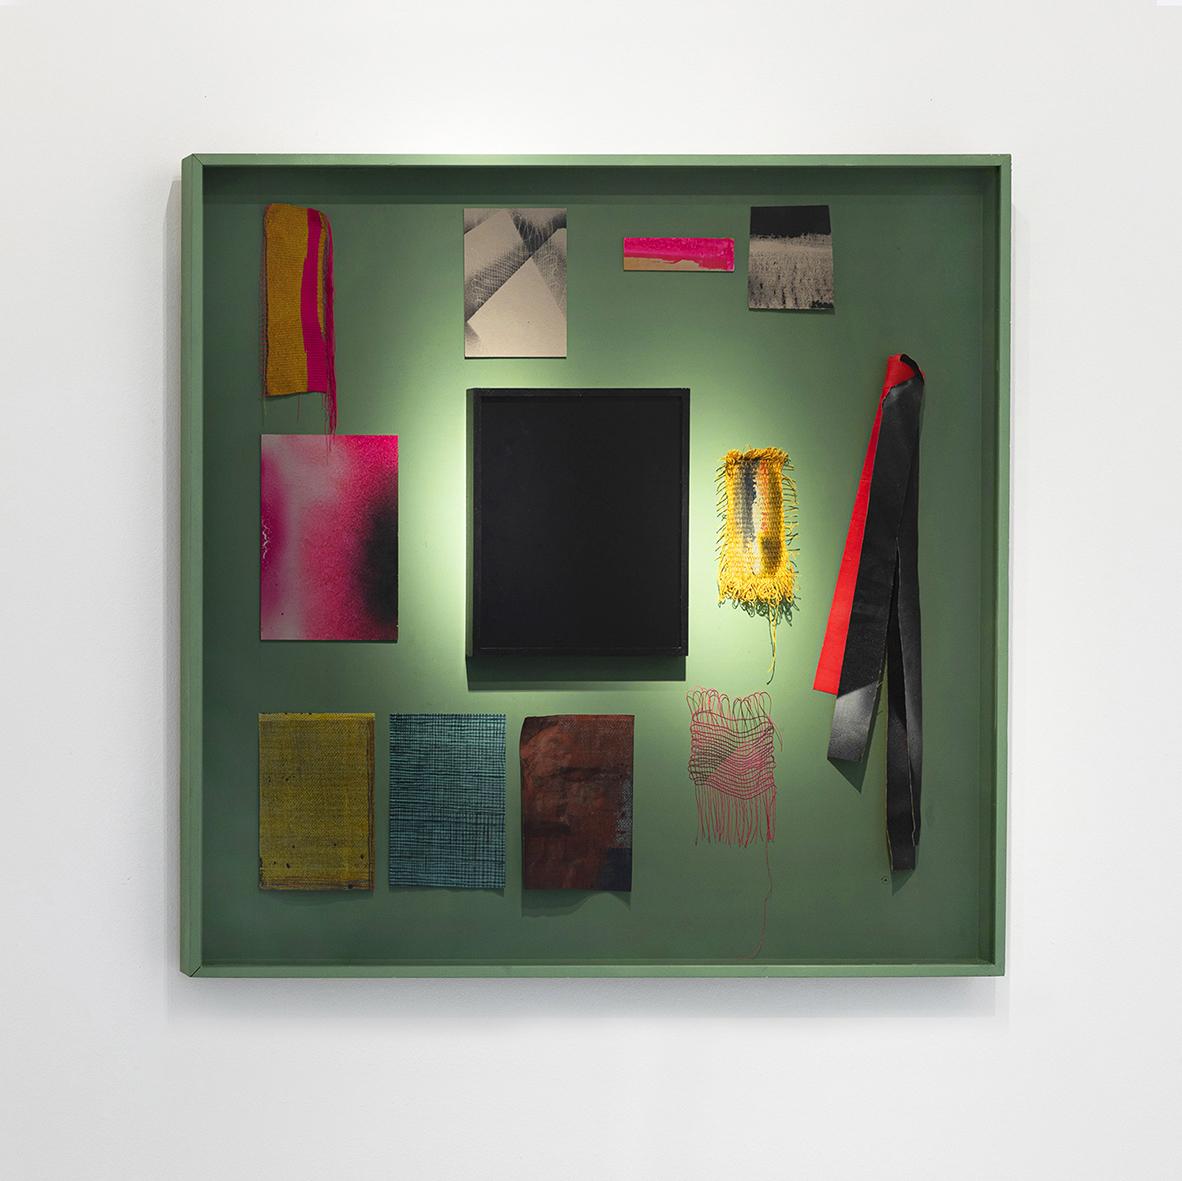 Anna Fiedel | Sein, Verstehen, Tun | Various materials | 2013/19